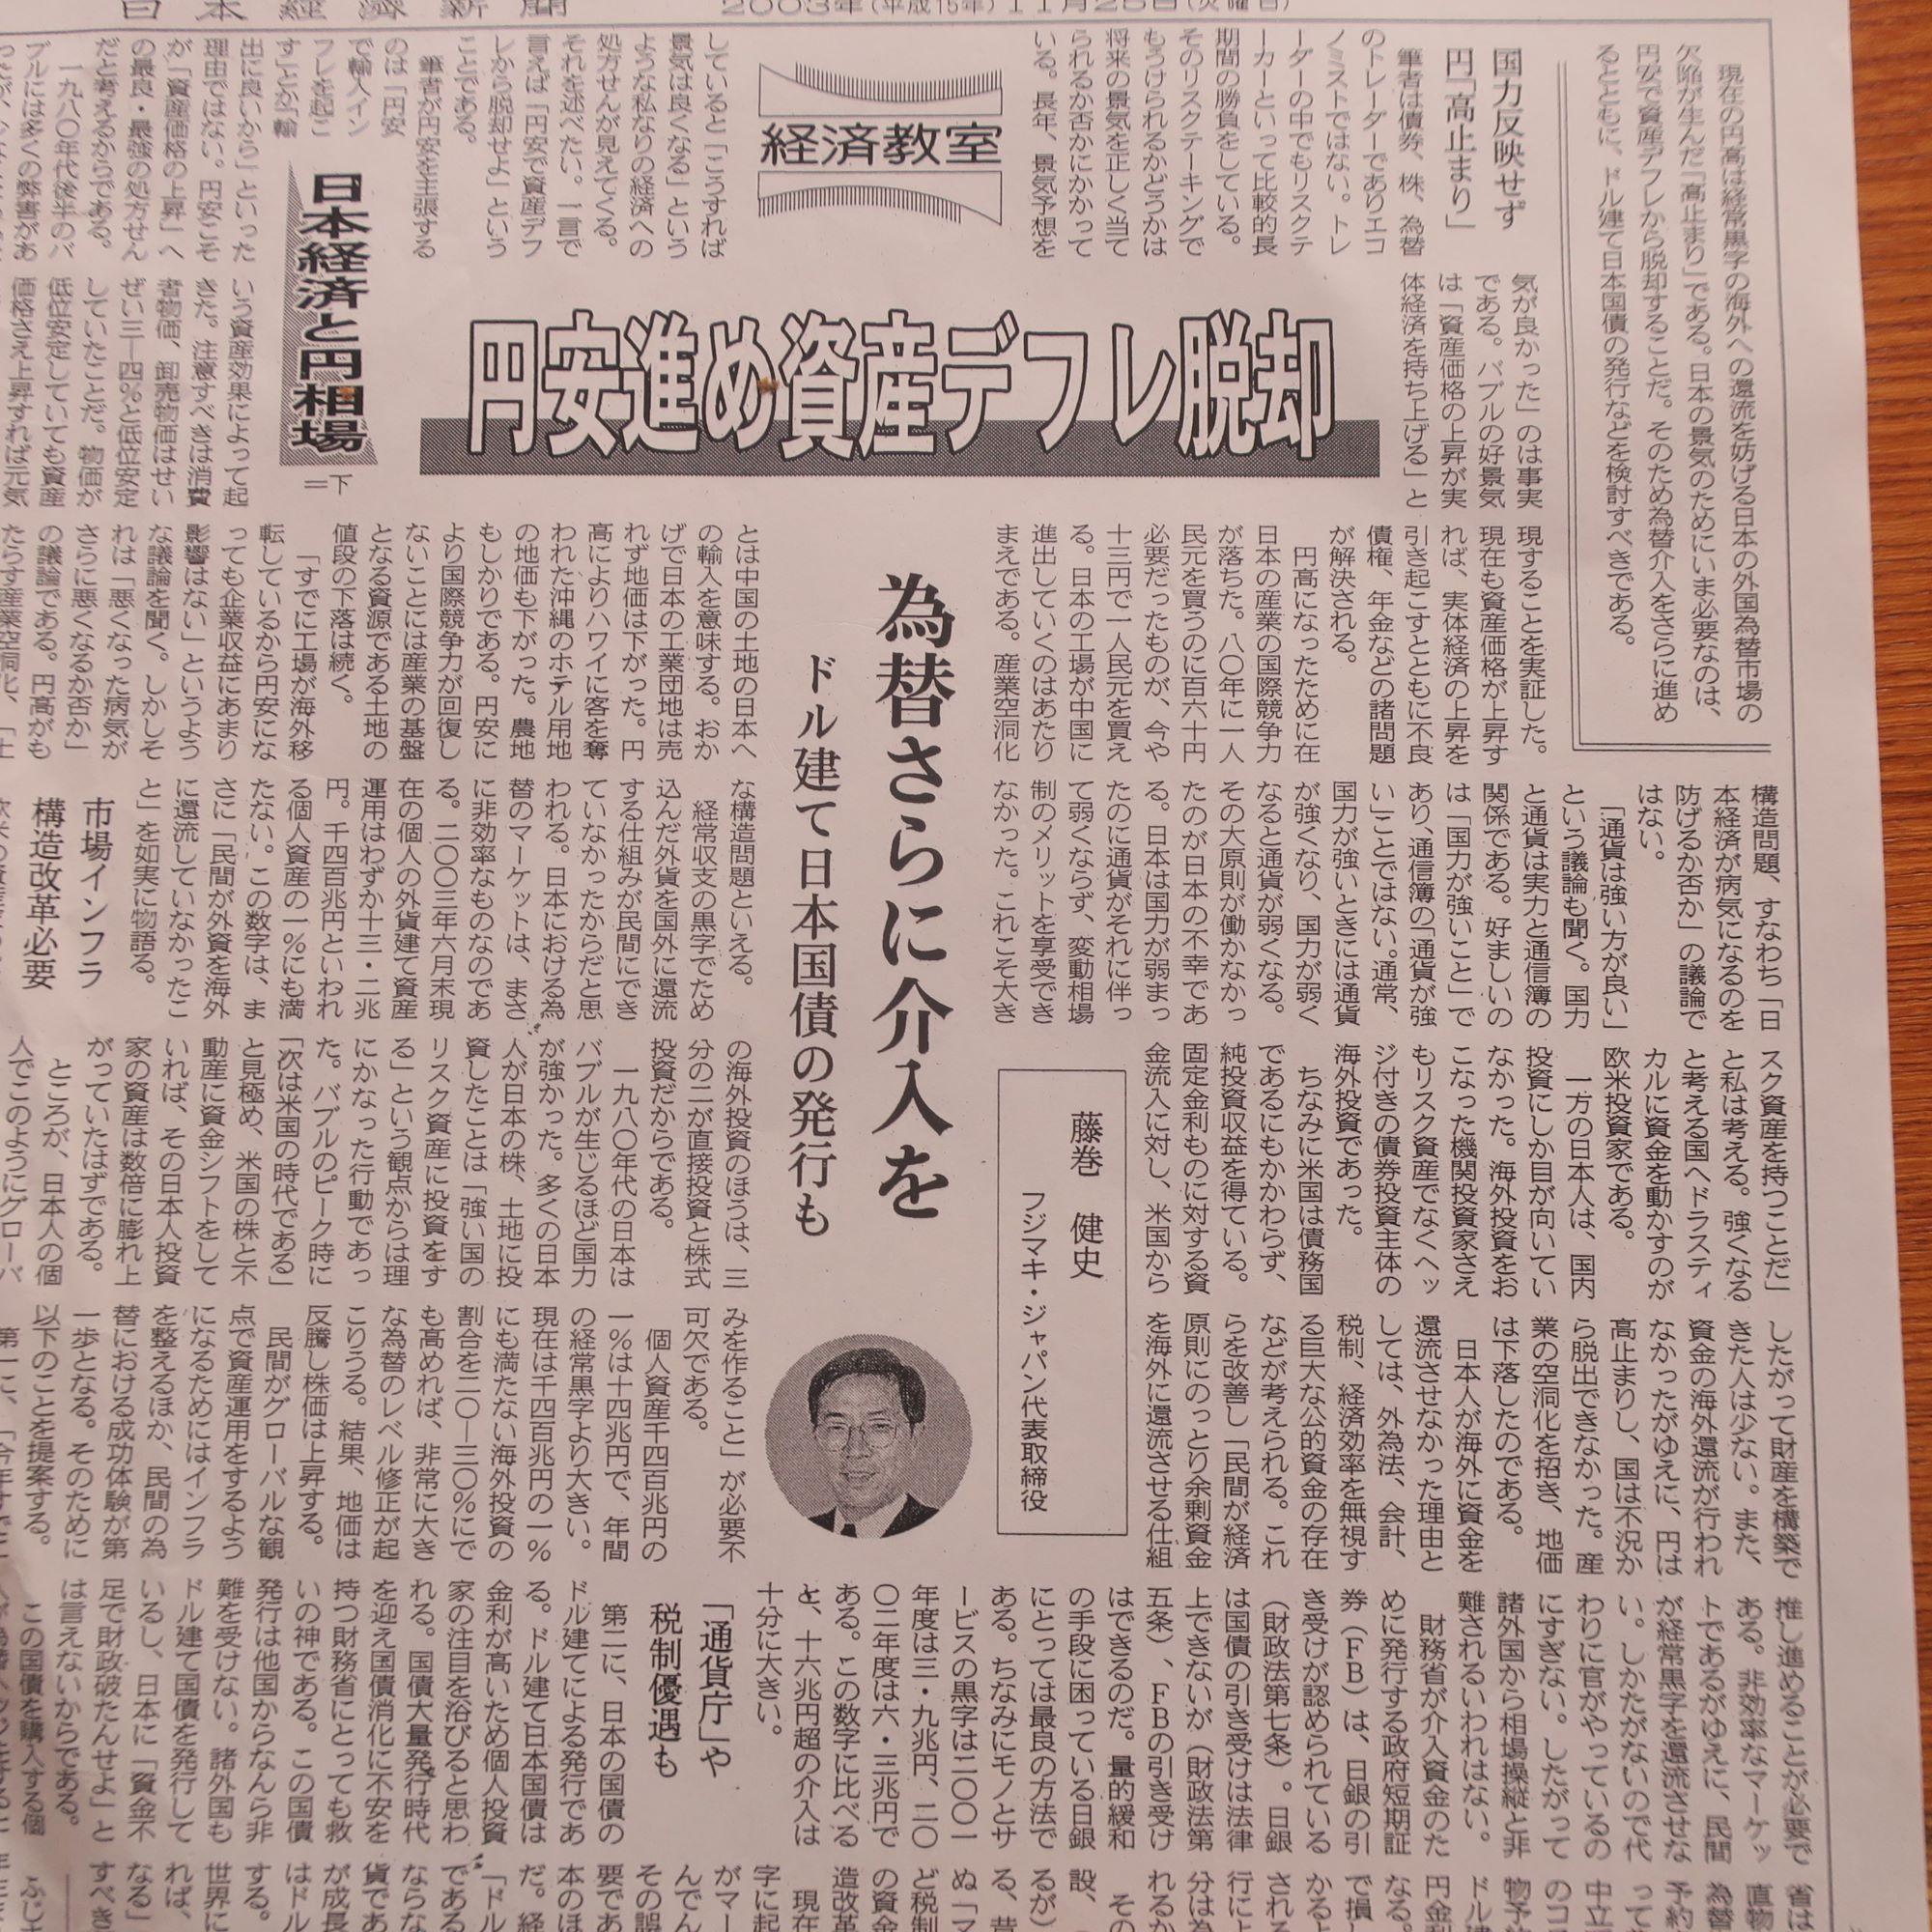 拙稿 日経新聞「経済教室」